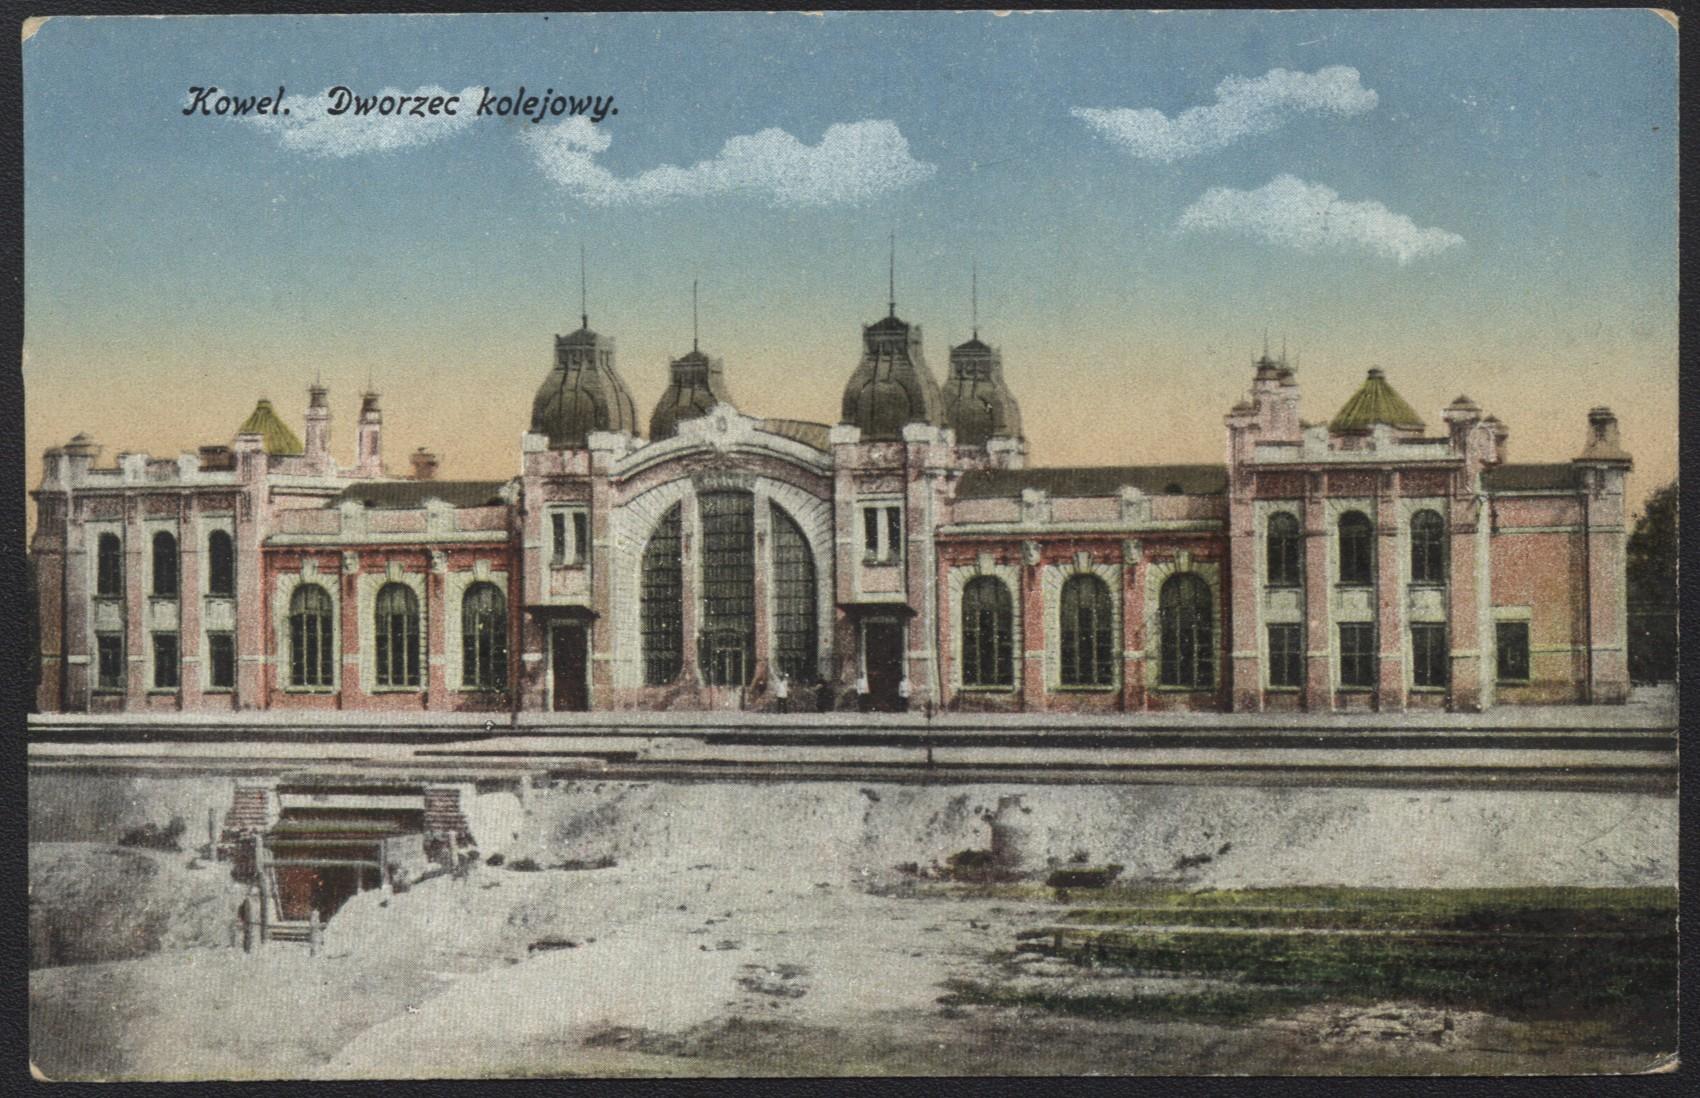 Збереглися лише згадки: 10 фактів про перший вокзал у Ковелі